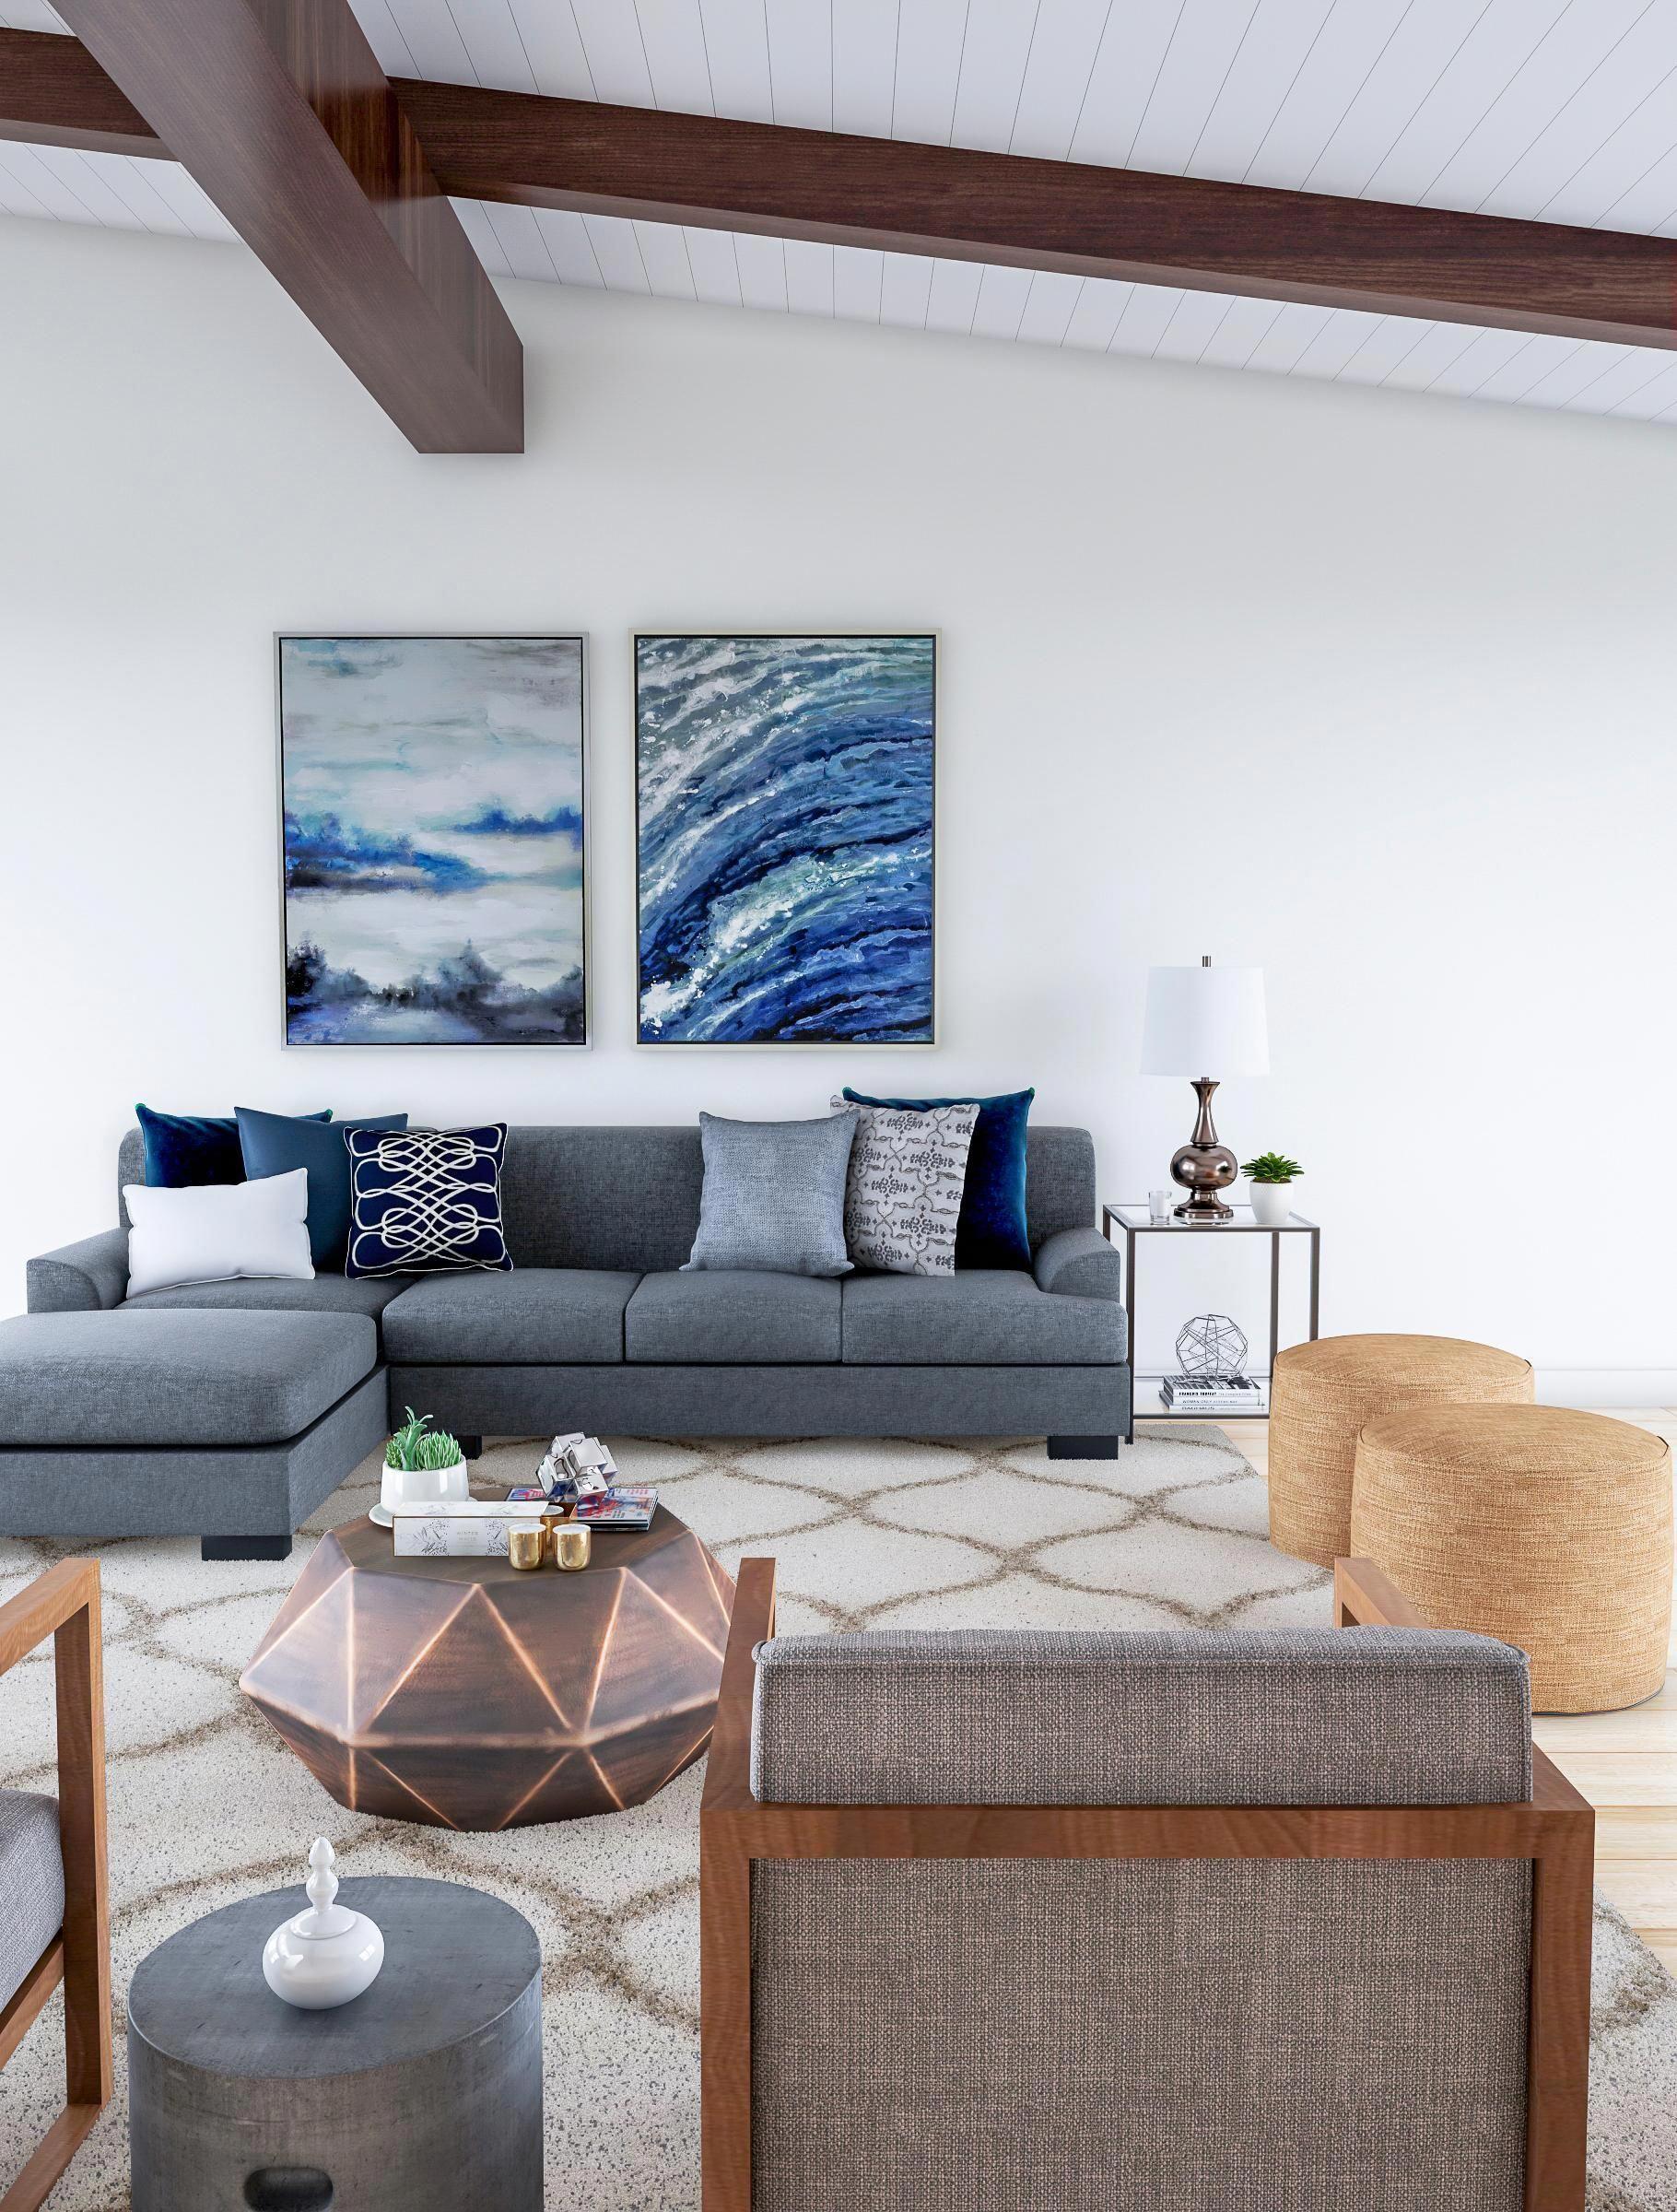 Living Room Inspiration Designer Living Room Furniture Interior Design Furnishing Your Living Room Decor Rustic Rustic Living Room Rustic Chic Living Room Build your living room